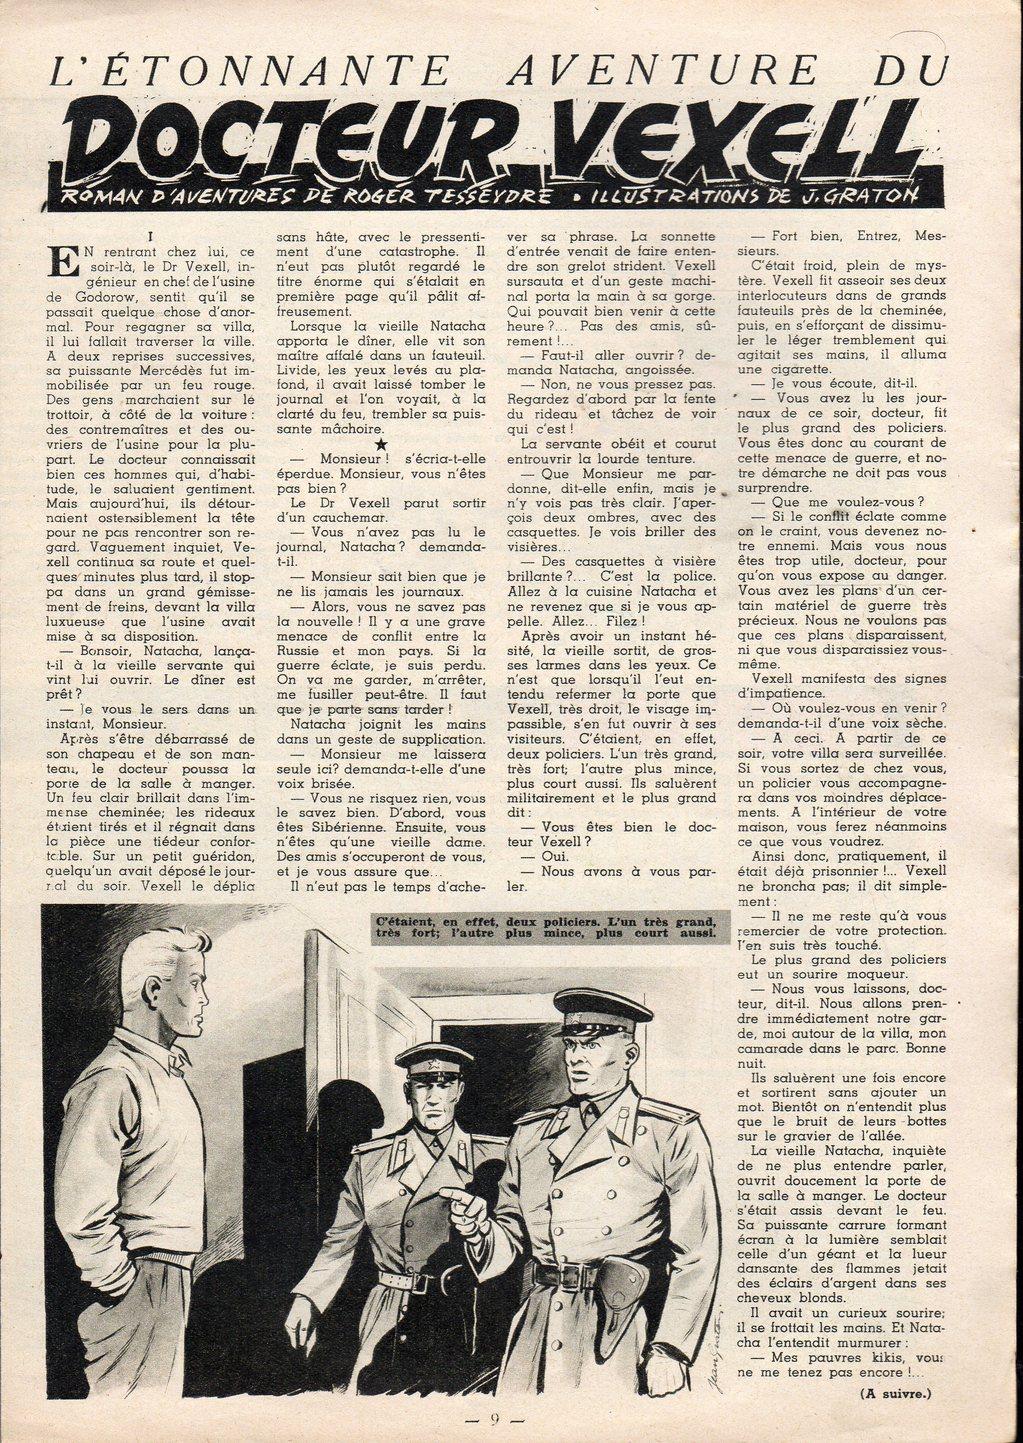 Jean Graton - Tintin 1954 - Dr Vexell (26)